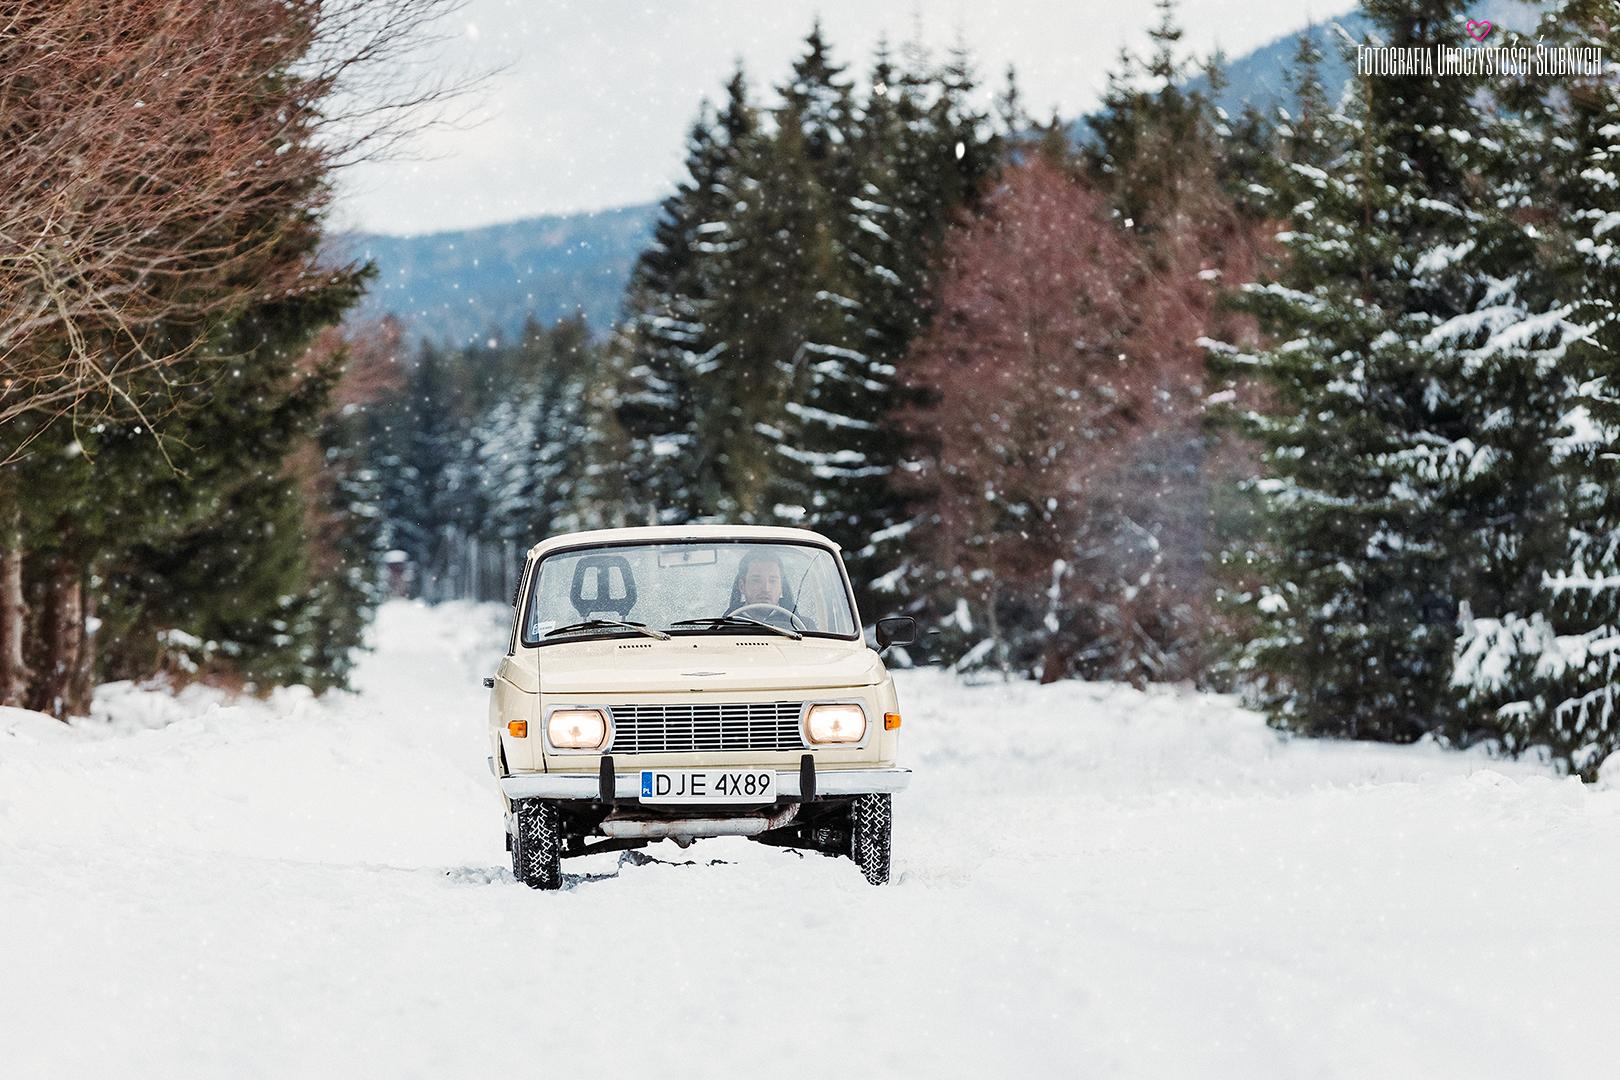 Przepiękne sesje narzeczeńskie oraz sesje ślubne plenerowe w lasach, górach, w Karkonoszach - Zimowa sesja w Karkonoszach